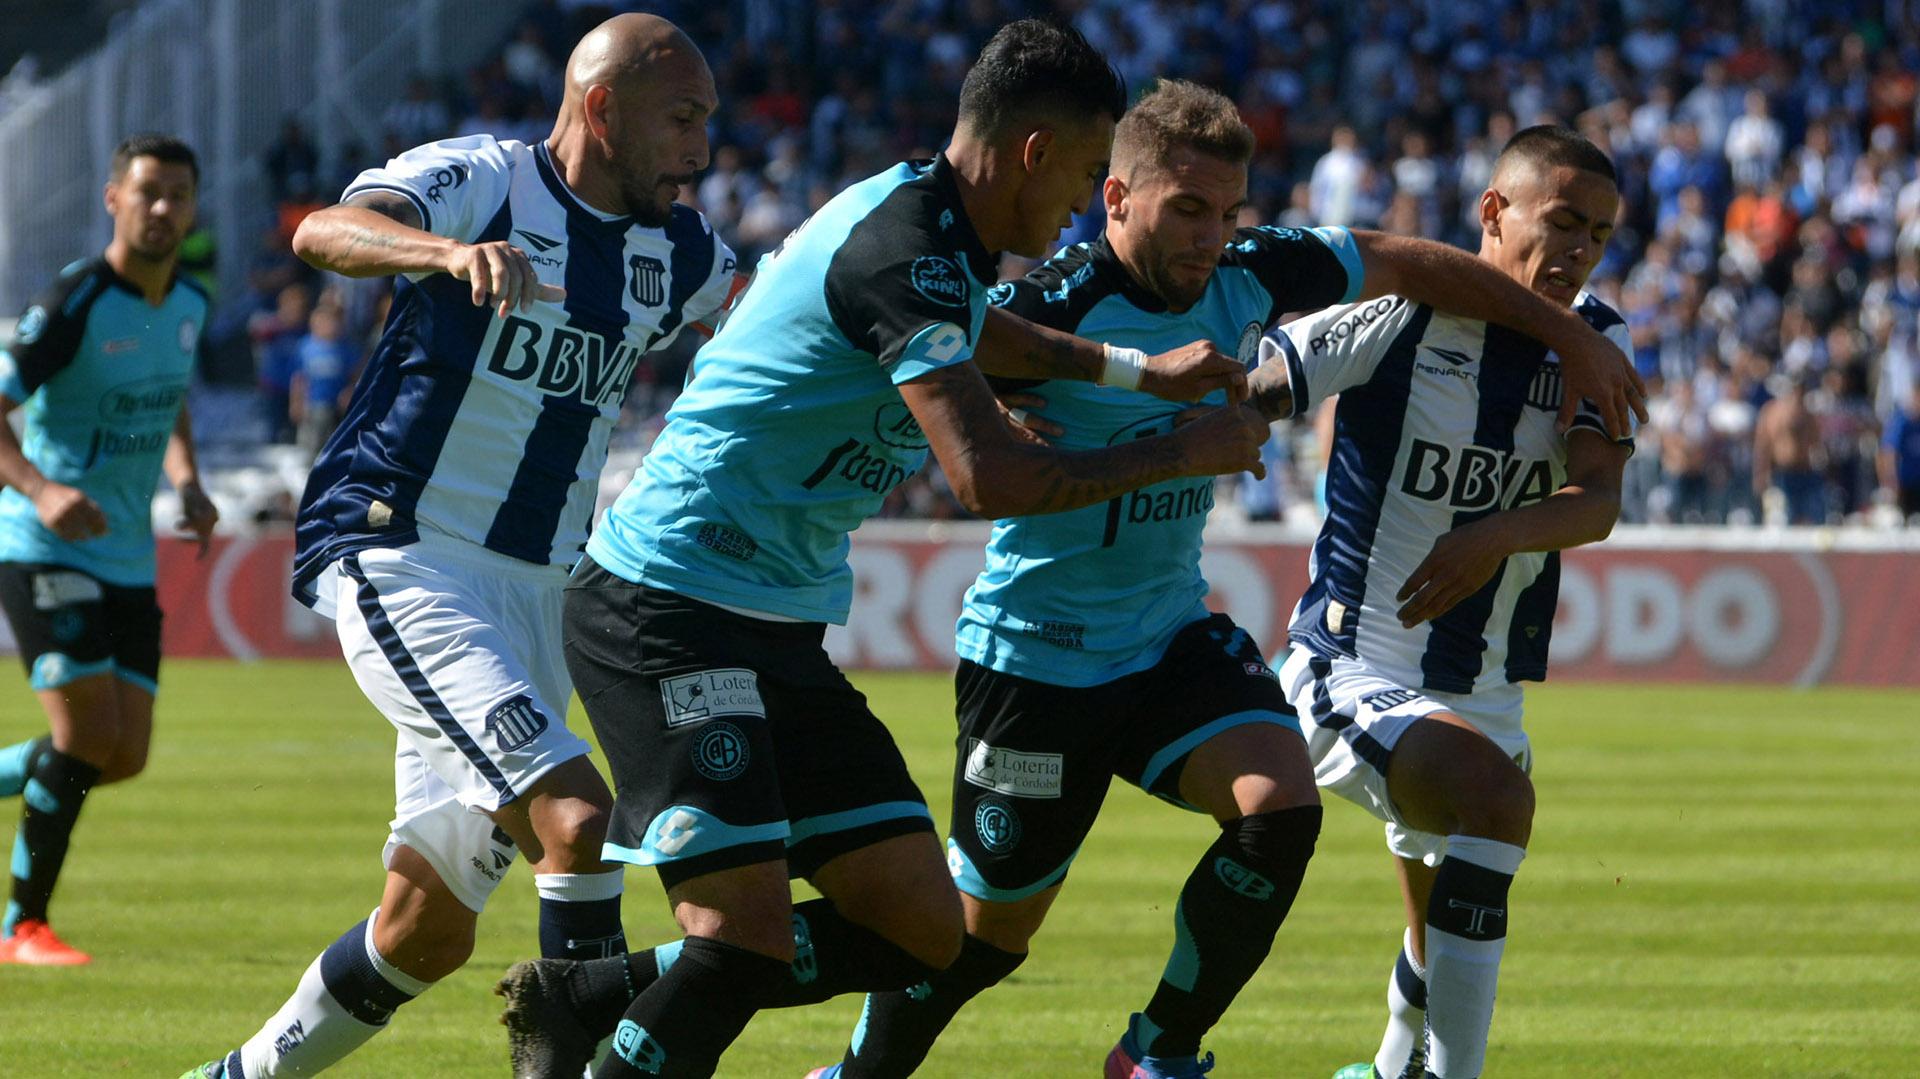 El primer clásico en la historia de la Superliga tendrá lugar en Córdoba (Telam)